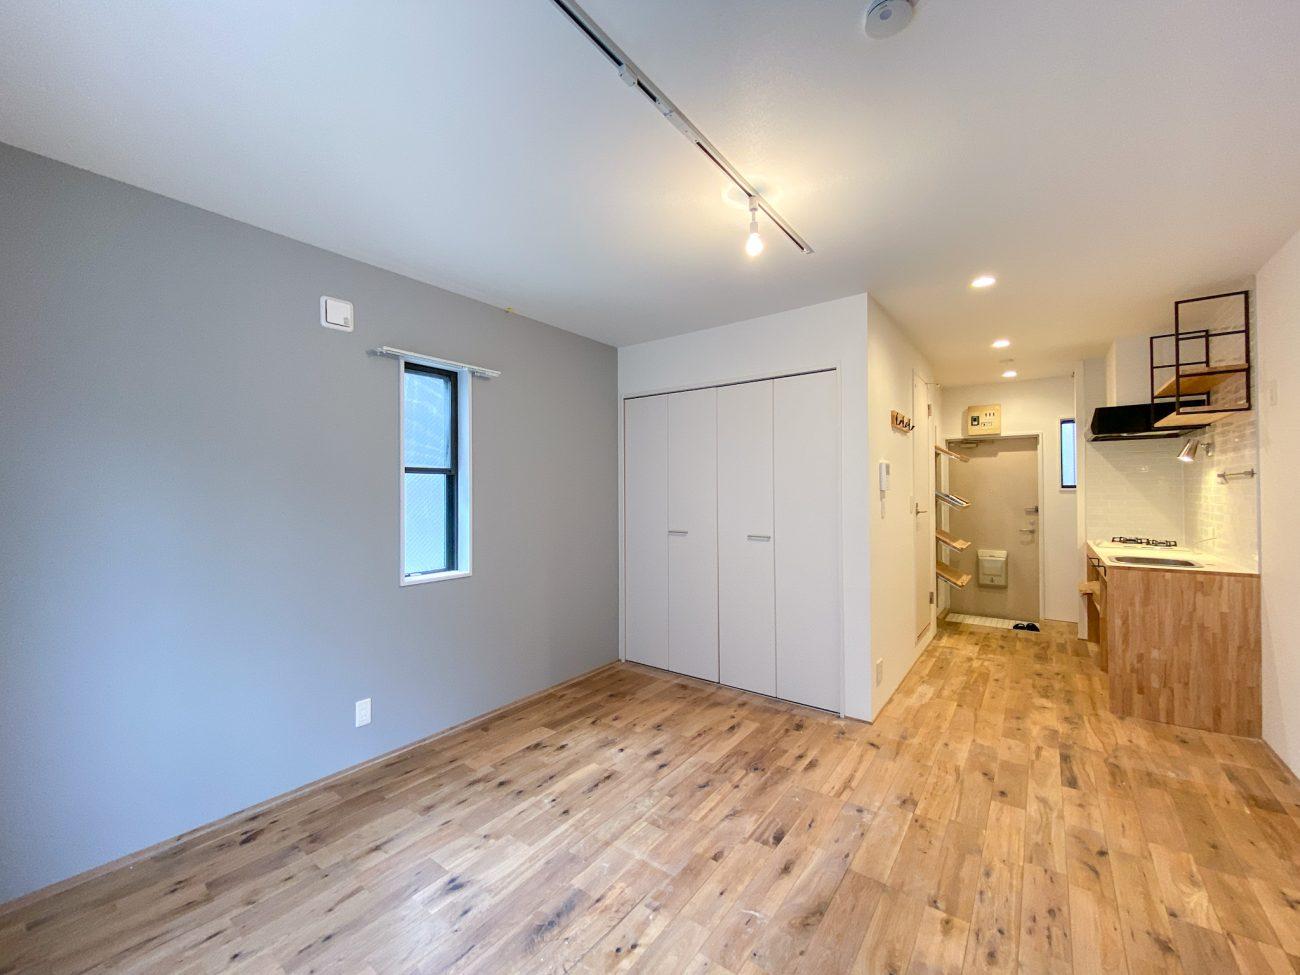 白楽 築18年 木造 27m2 1Kを有孔ボード壁面、造作デスク付きリノベで工事中に満室にの画像